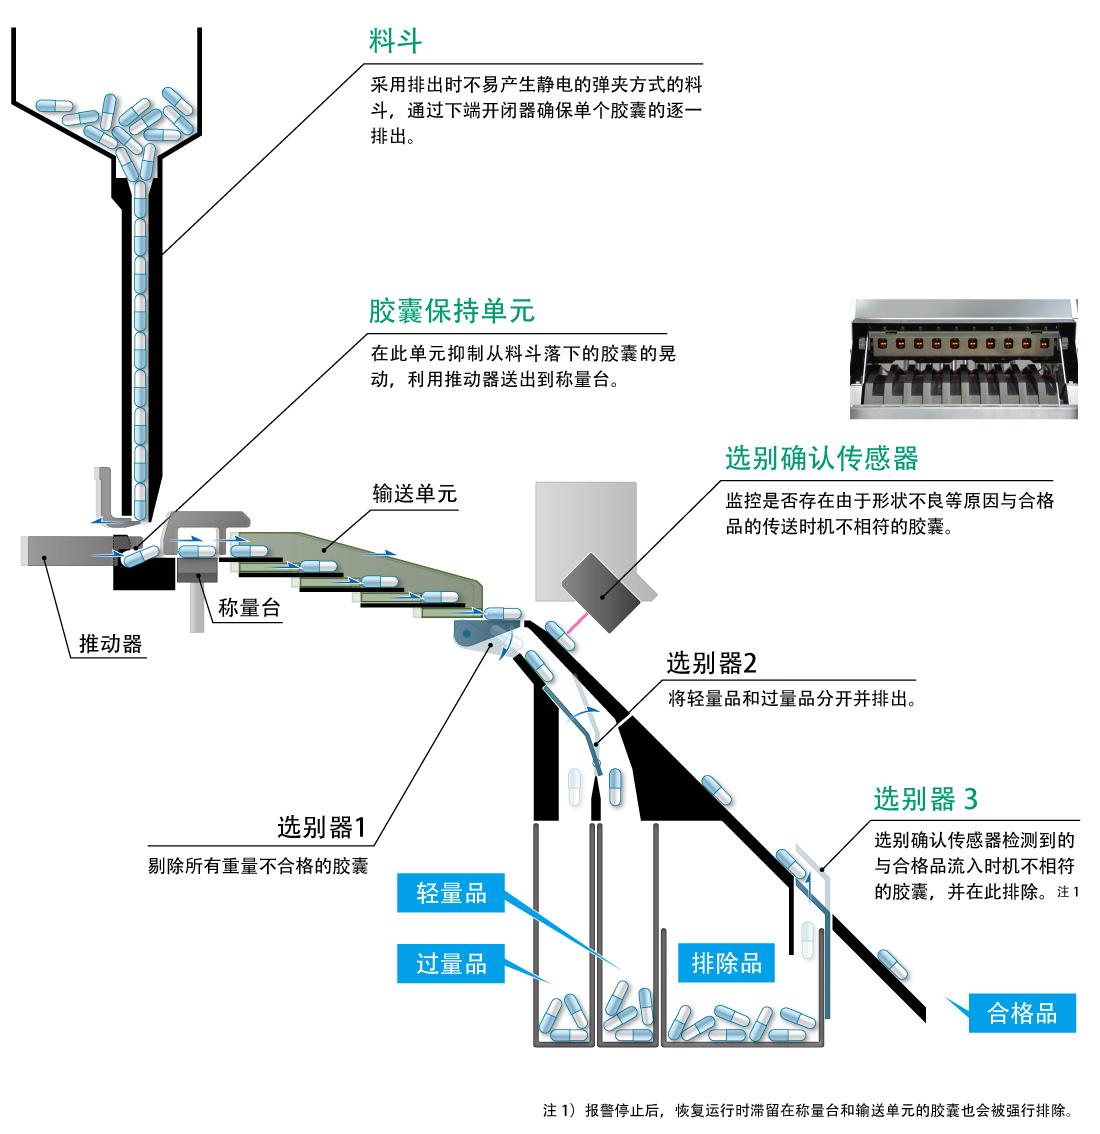 监控和跟踪装置内的全数胶囊。通过3个选别器排出重量不合格的胶囊。